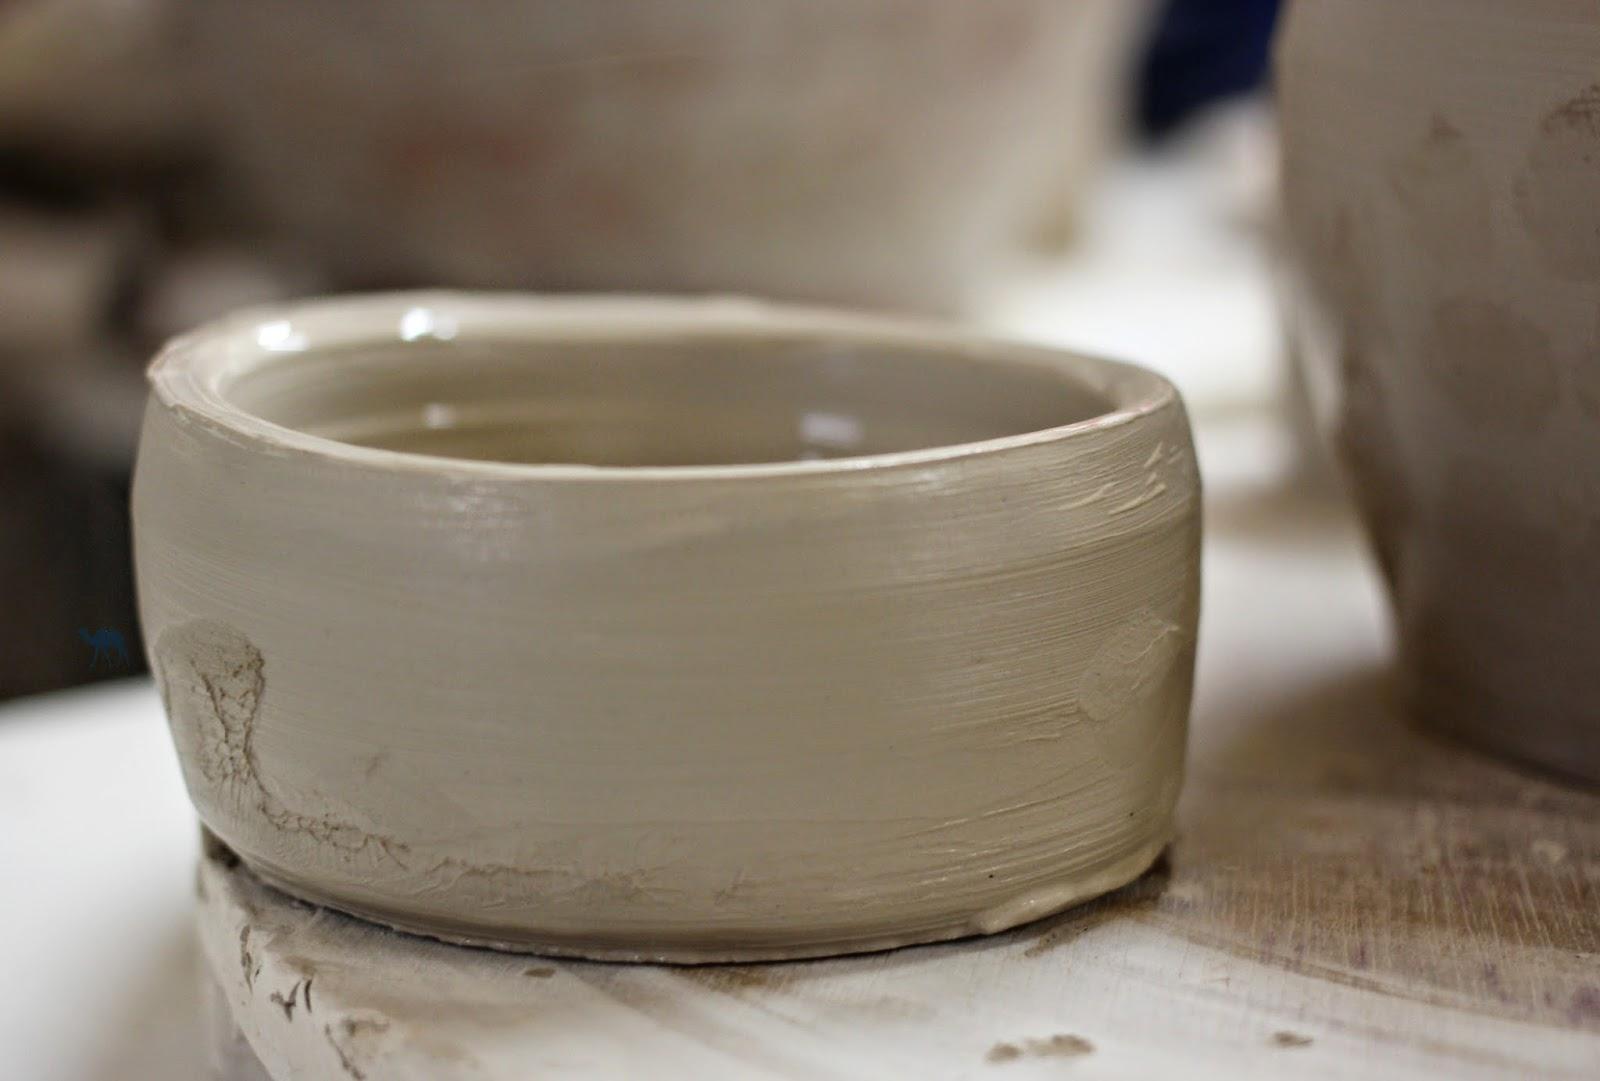 Le Chameau bleu - Seconde réalisation de poterie